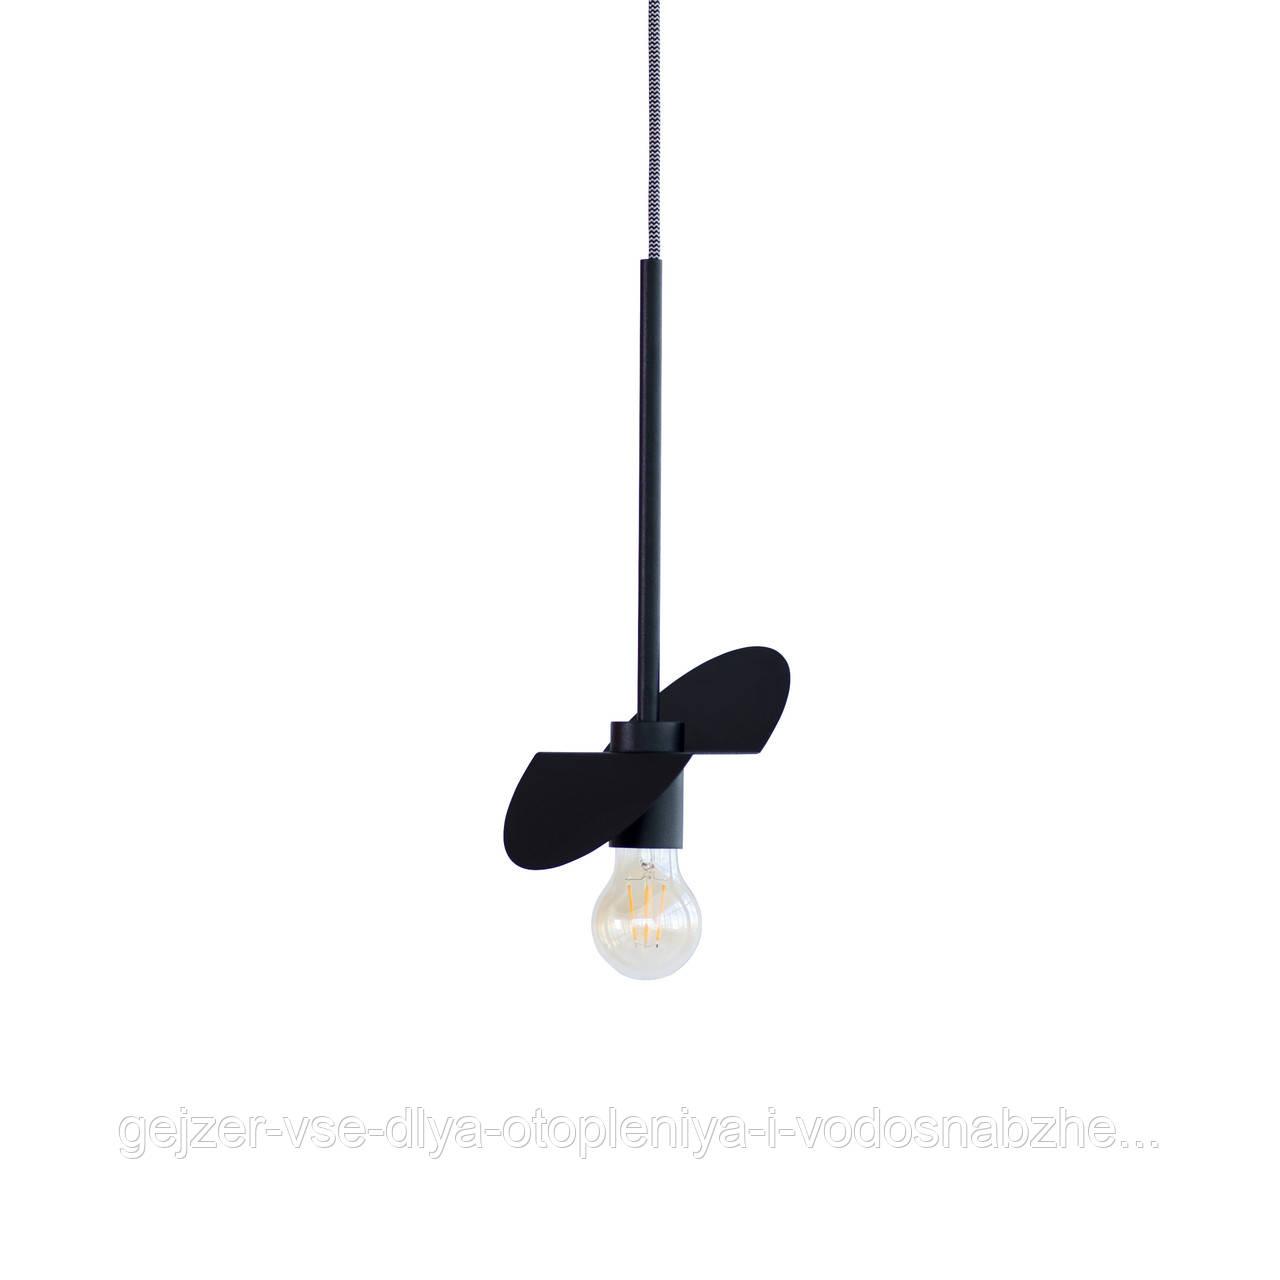 Потолочный подвесной светильник Atma Light серии Bird P170 Black